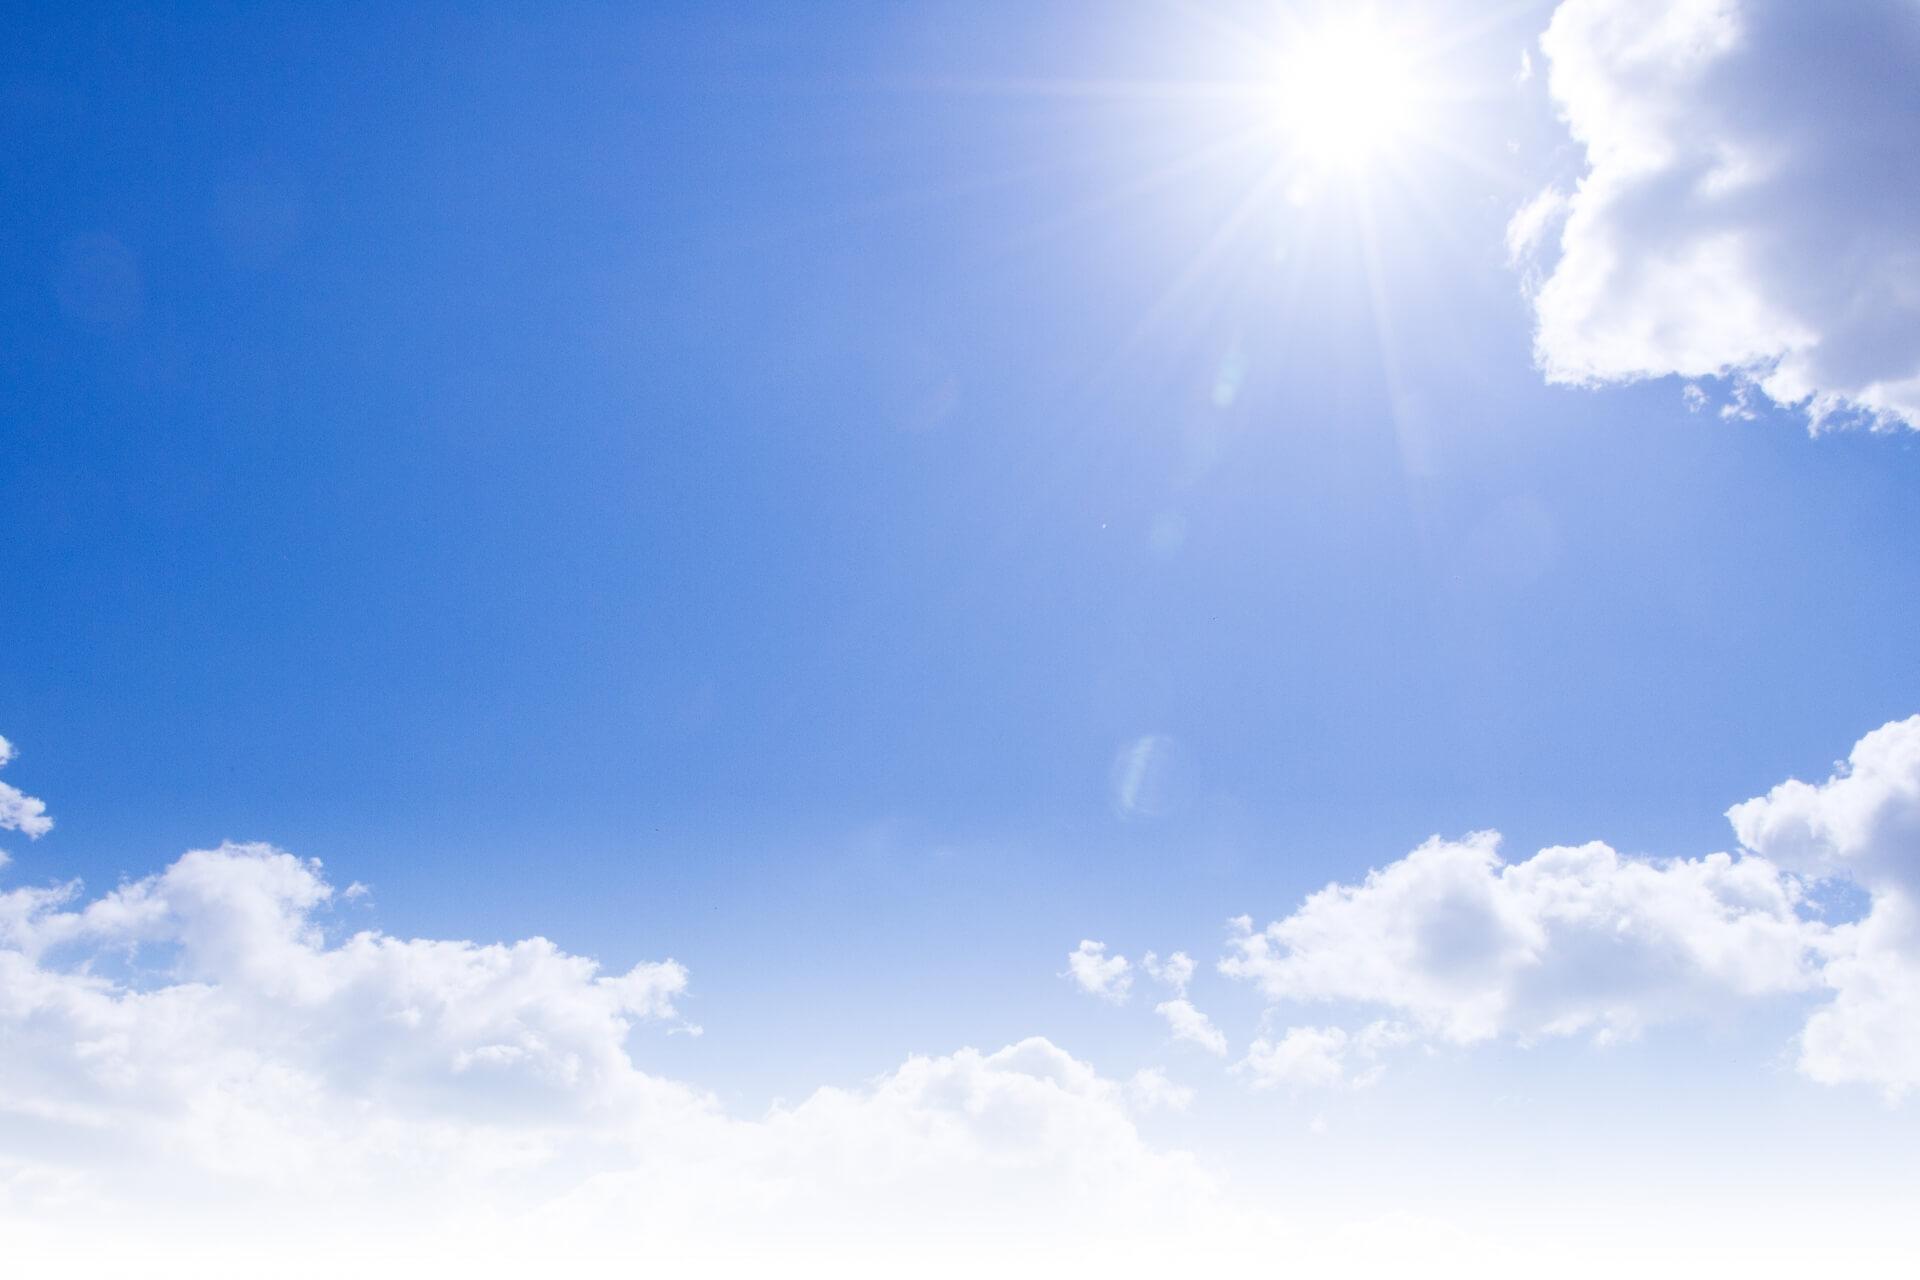 暑い日のマラソンでは手のひらを冷やすのが効果的という発見